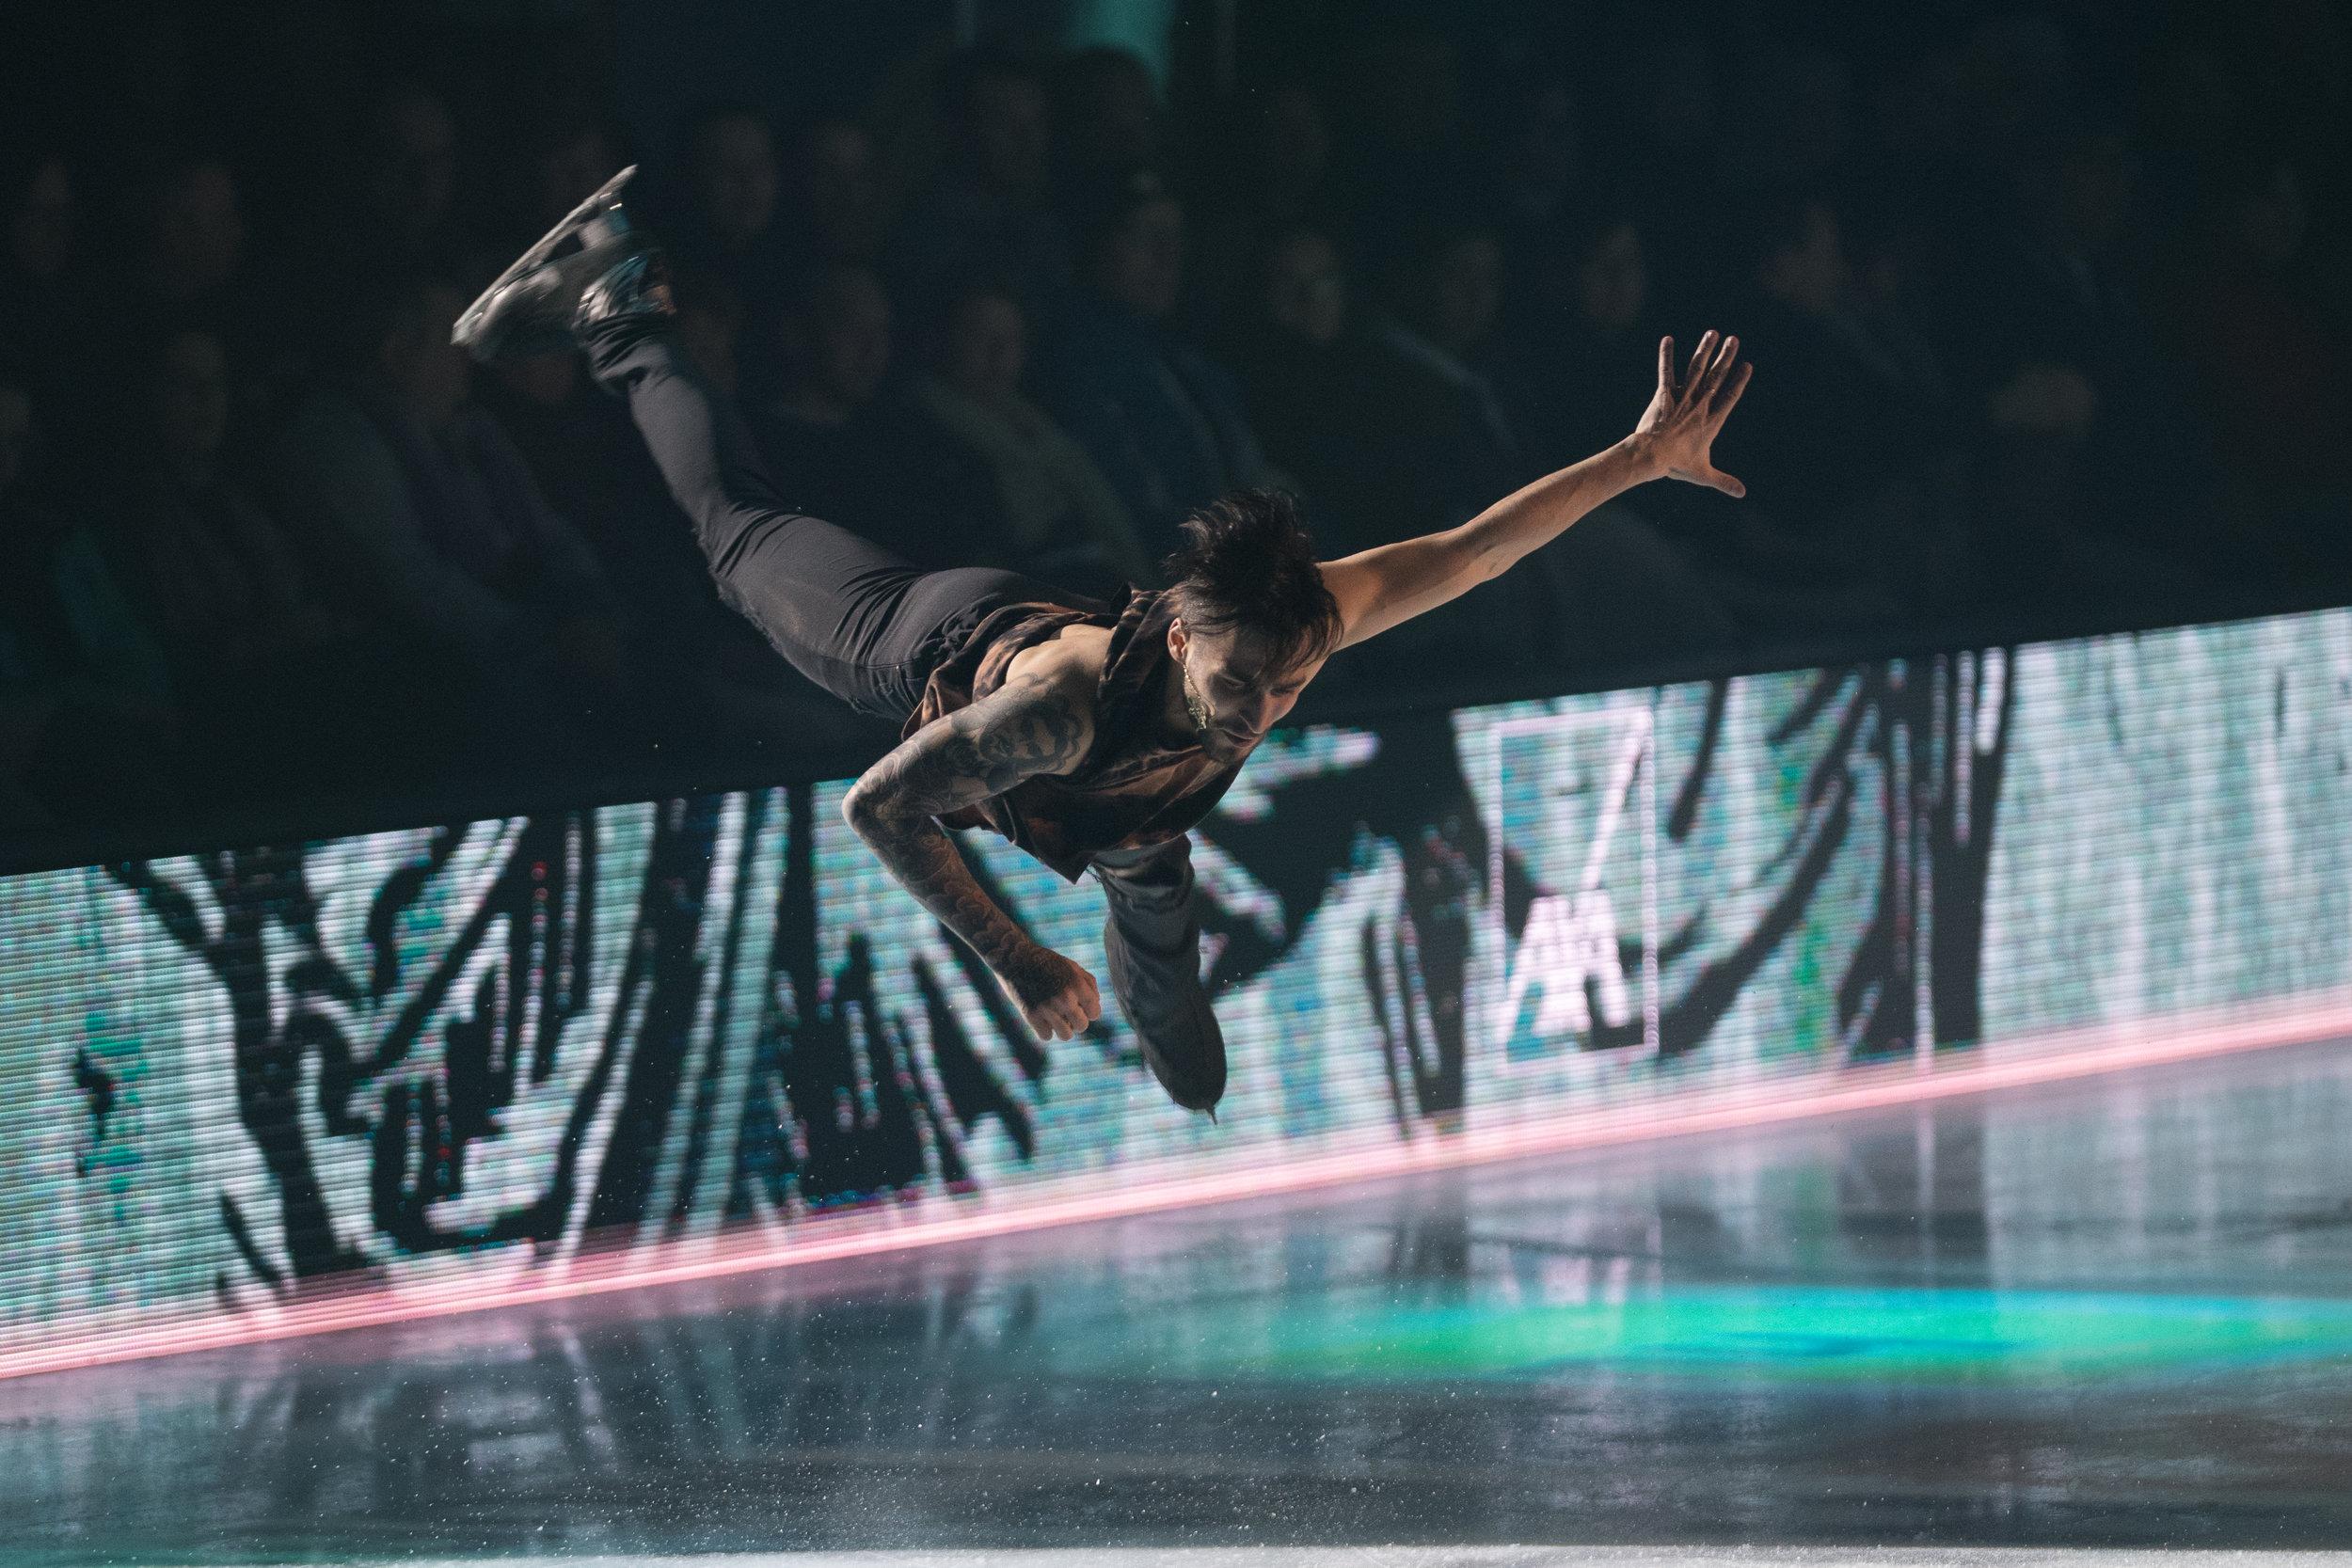 """Ivan Righini - Geboren: 16.4.1991Land: Italien/RusslandDreimaliger italienischer LandesmeisterWie reagieren Medien und Publikum auf deine Roma-Wurzeln? """"Ich habe Fans überall auf der Welt – und ich denke man hat mich gern. Für viele meiner Fans bin ich so etwas wie der Michael Jackson des Eiskunstlaufens. Ich bin sehr stoIz ein Roma, Italiener und auch noch Russe zu sein."""""""